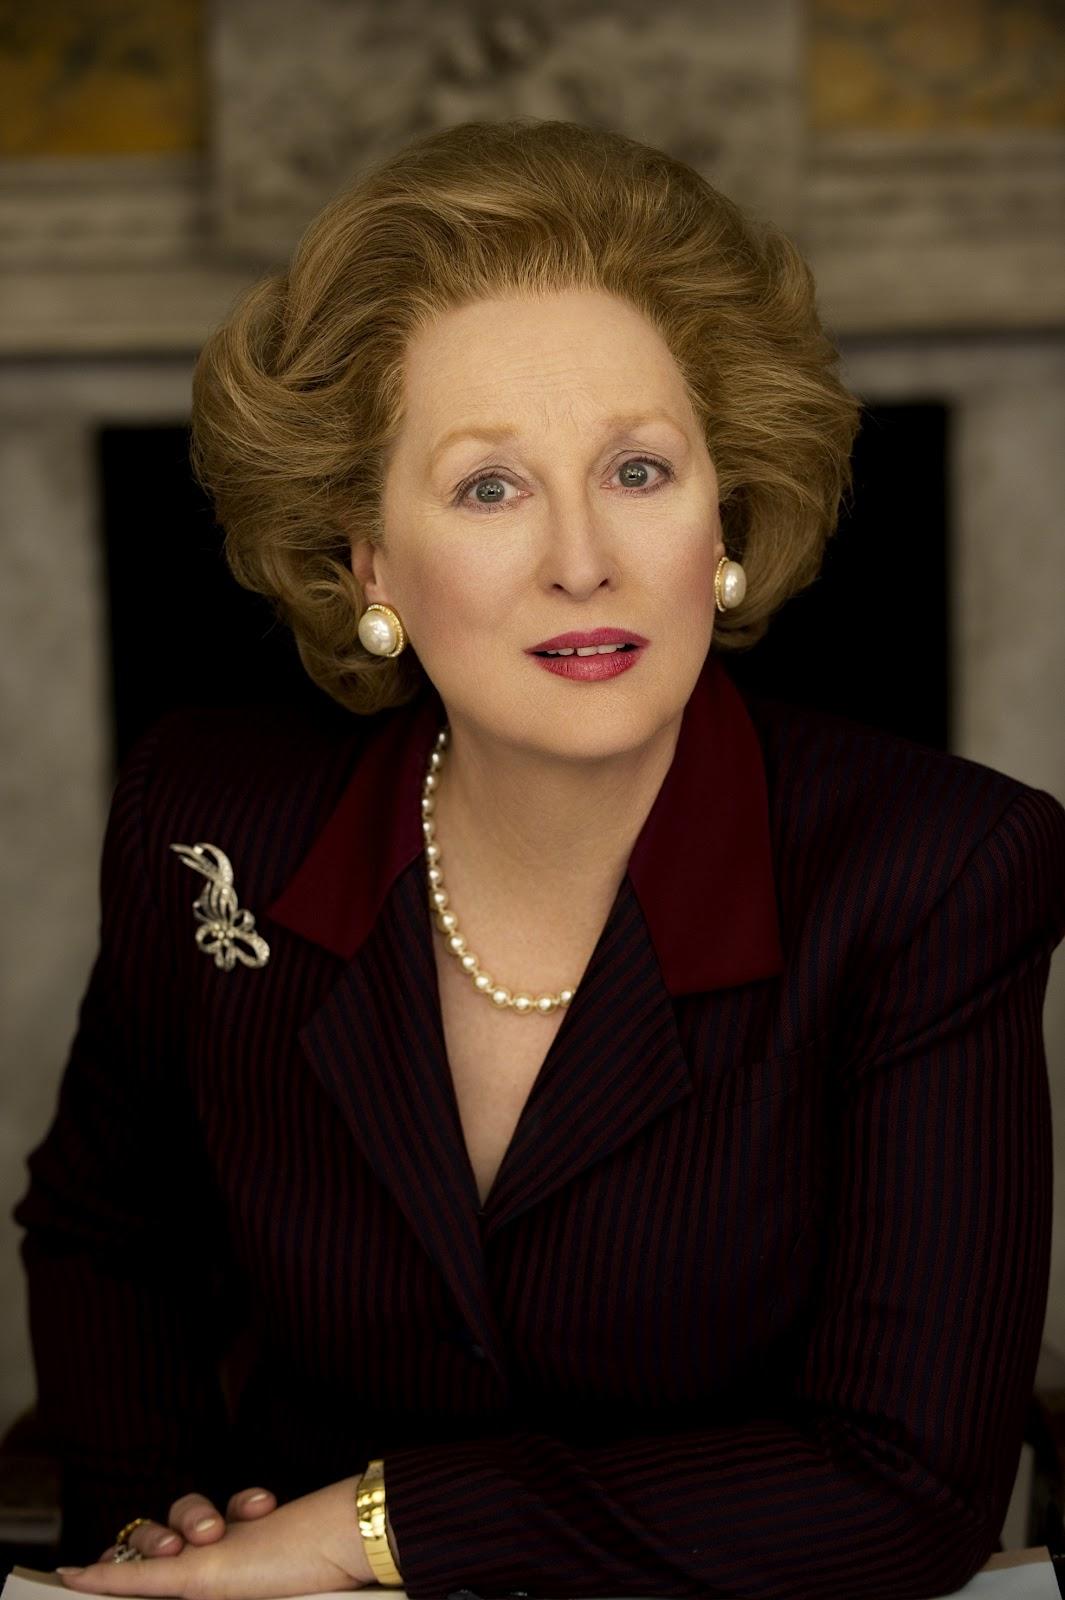 http://2.bp.blogspot.com/-cg0DUhoUHVg/Tz8pDEwGk9I/AAAAAAAAAv4/9tjqDnYPU_E/s1600/meryl-streep-margaret-thatcher-the-iron-lady-01.jpg